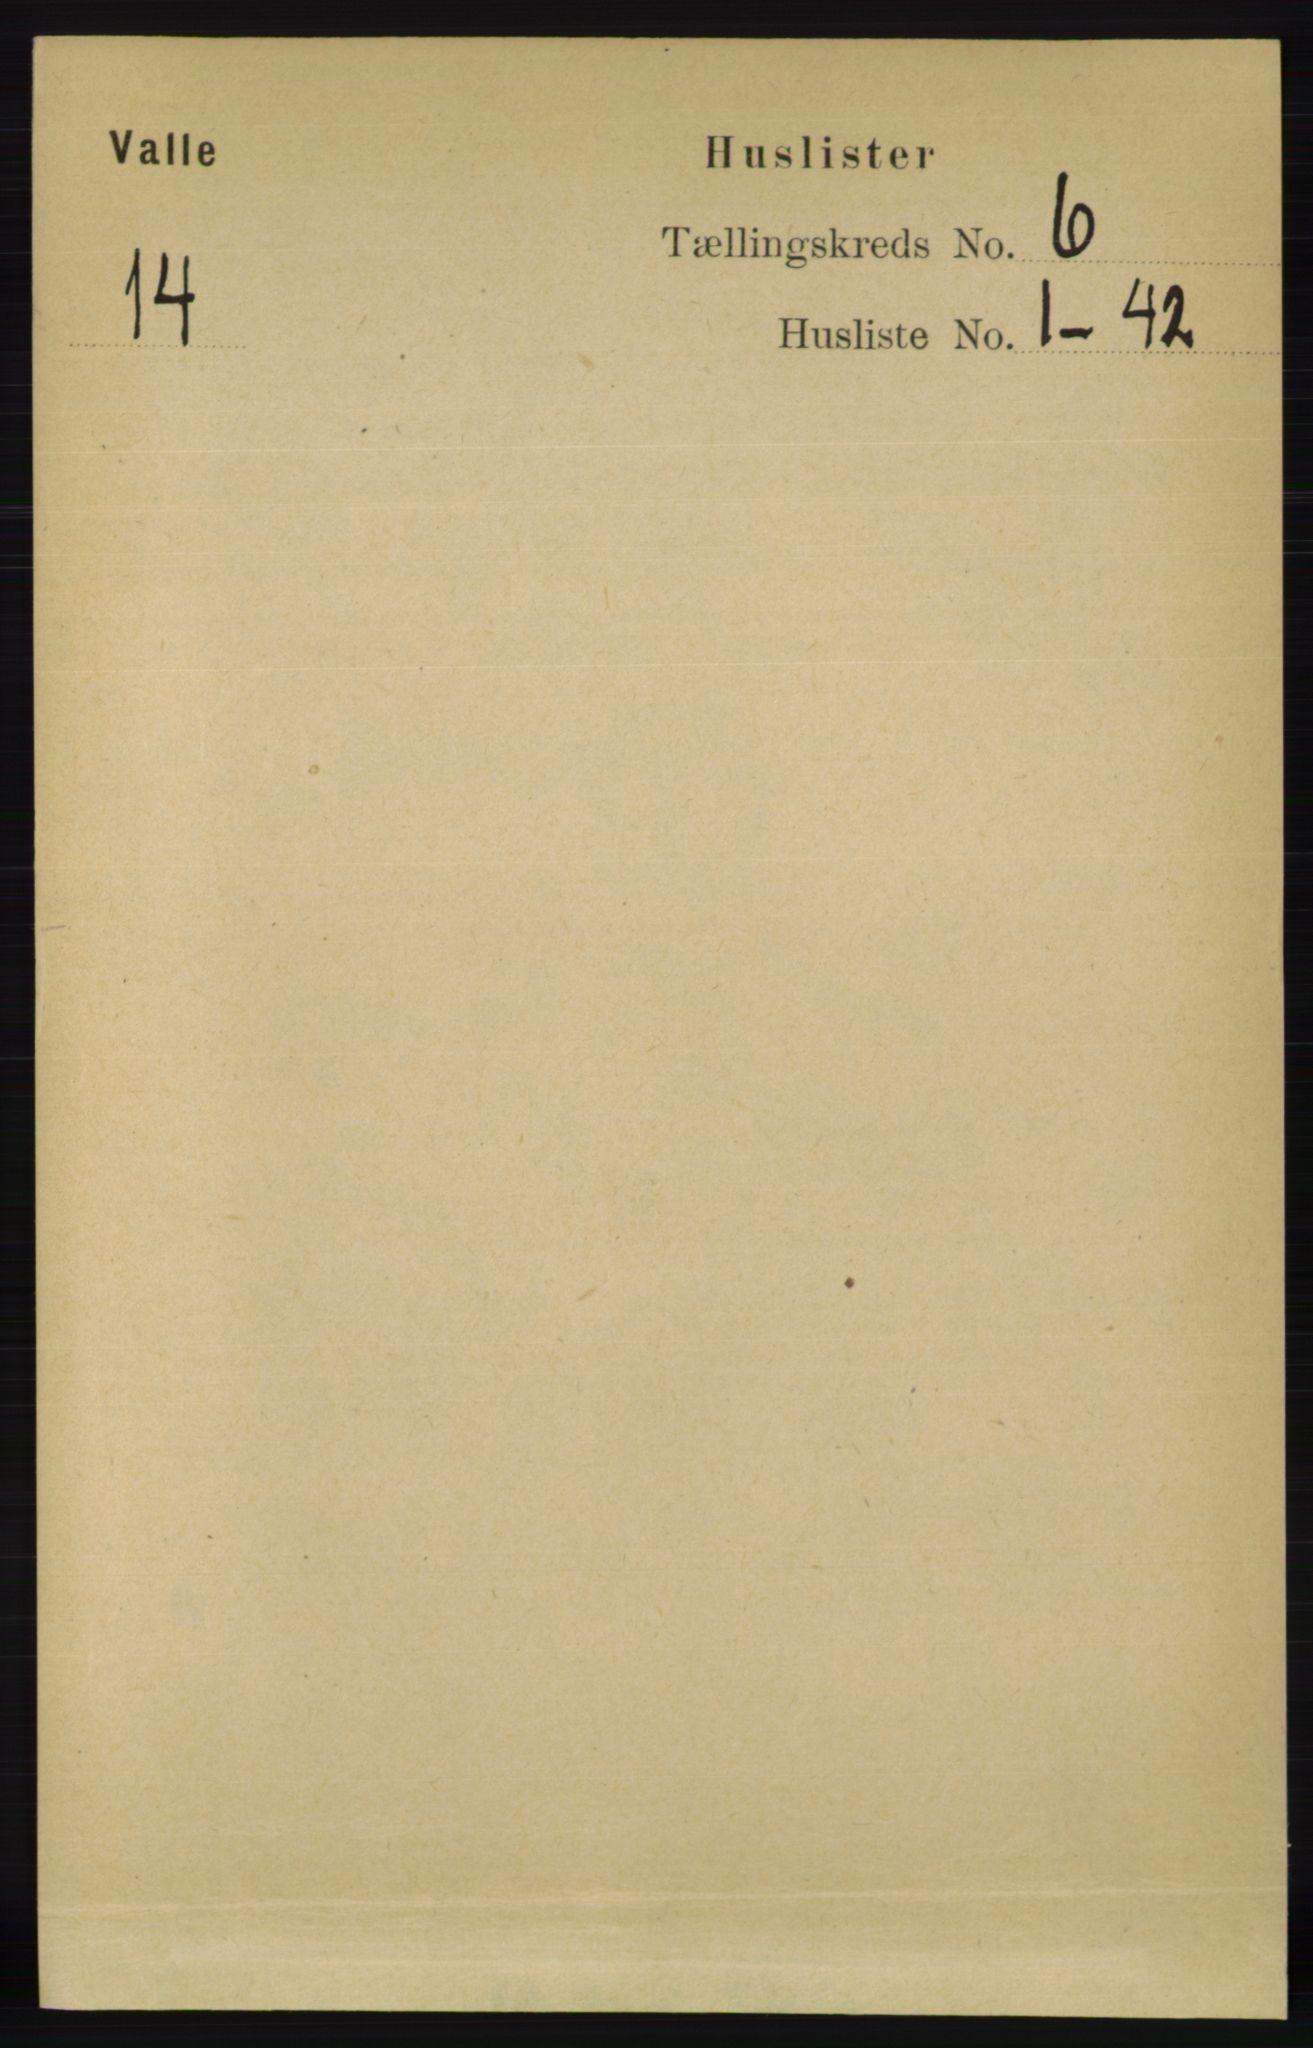 RA, Folketelling 1891 for 0940 Valle herred, 1891, s. 1634